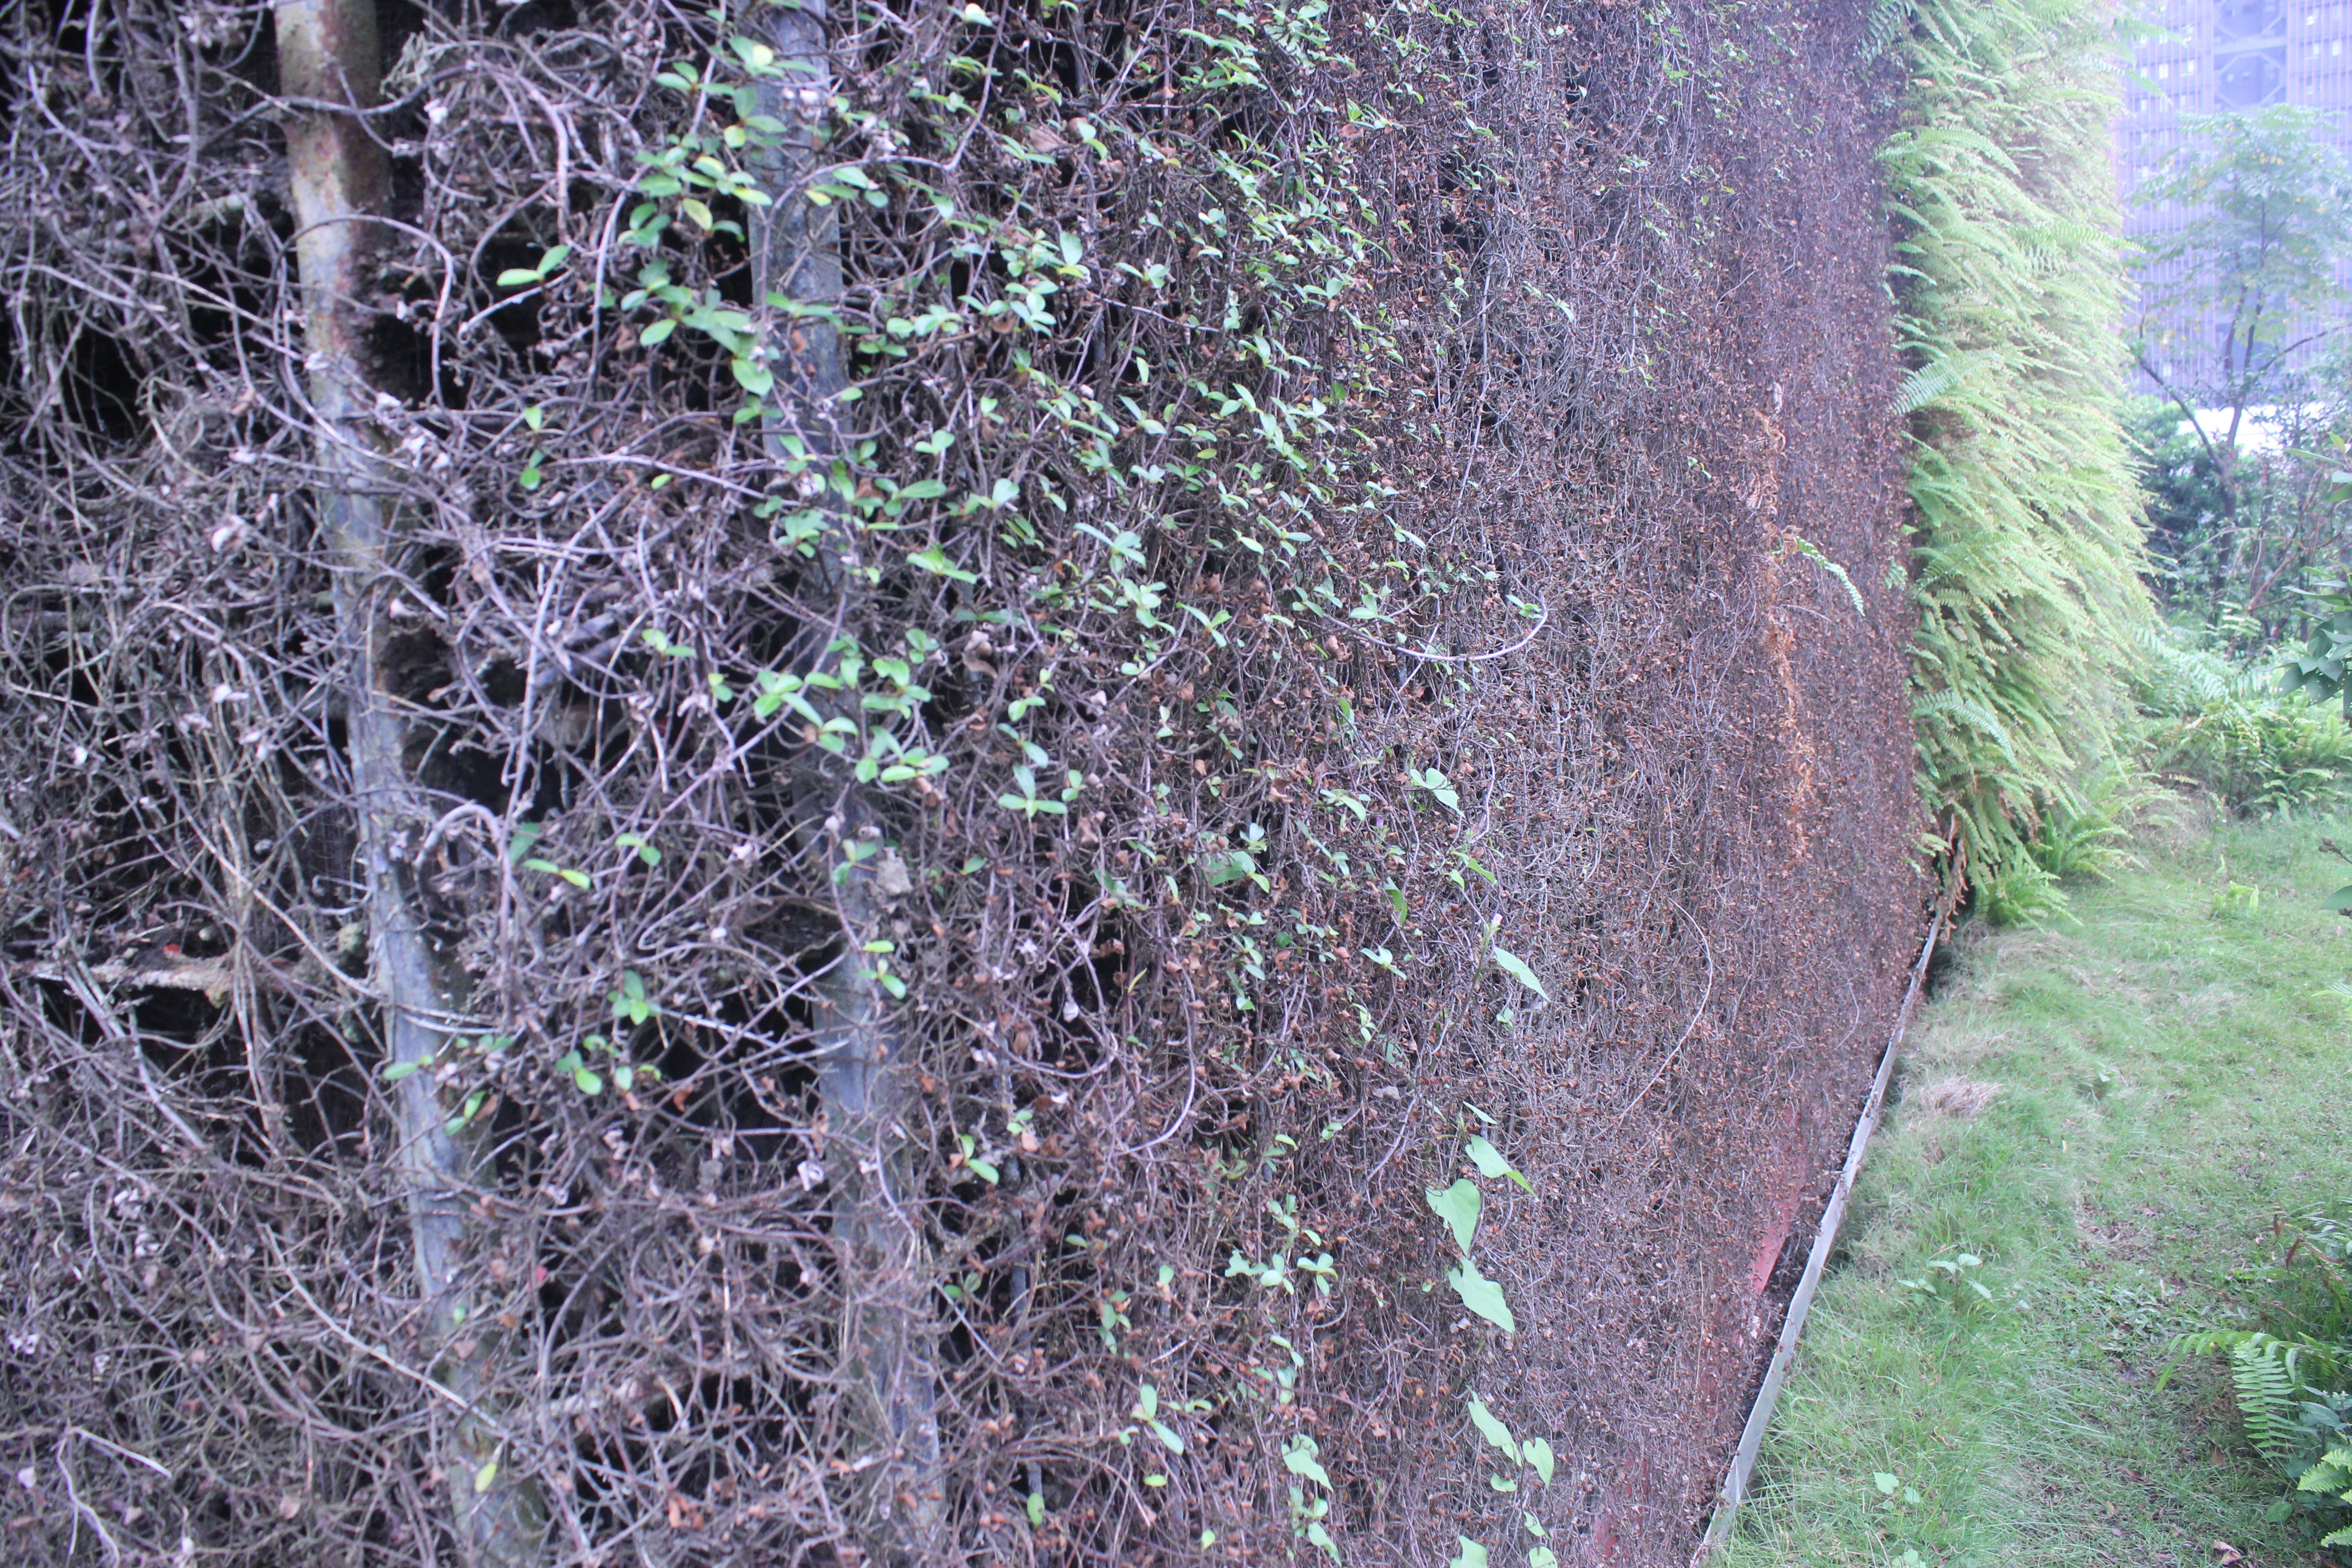 鐵架攀附的綠叢因水無法順利輸送導致枯萎。攝影/蔡家愷